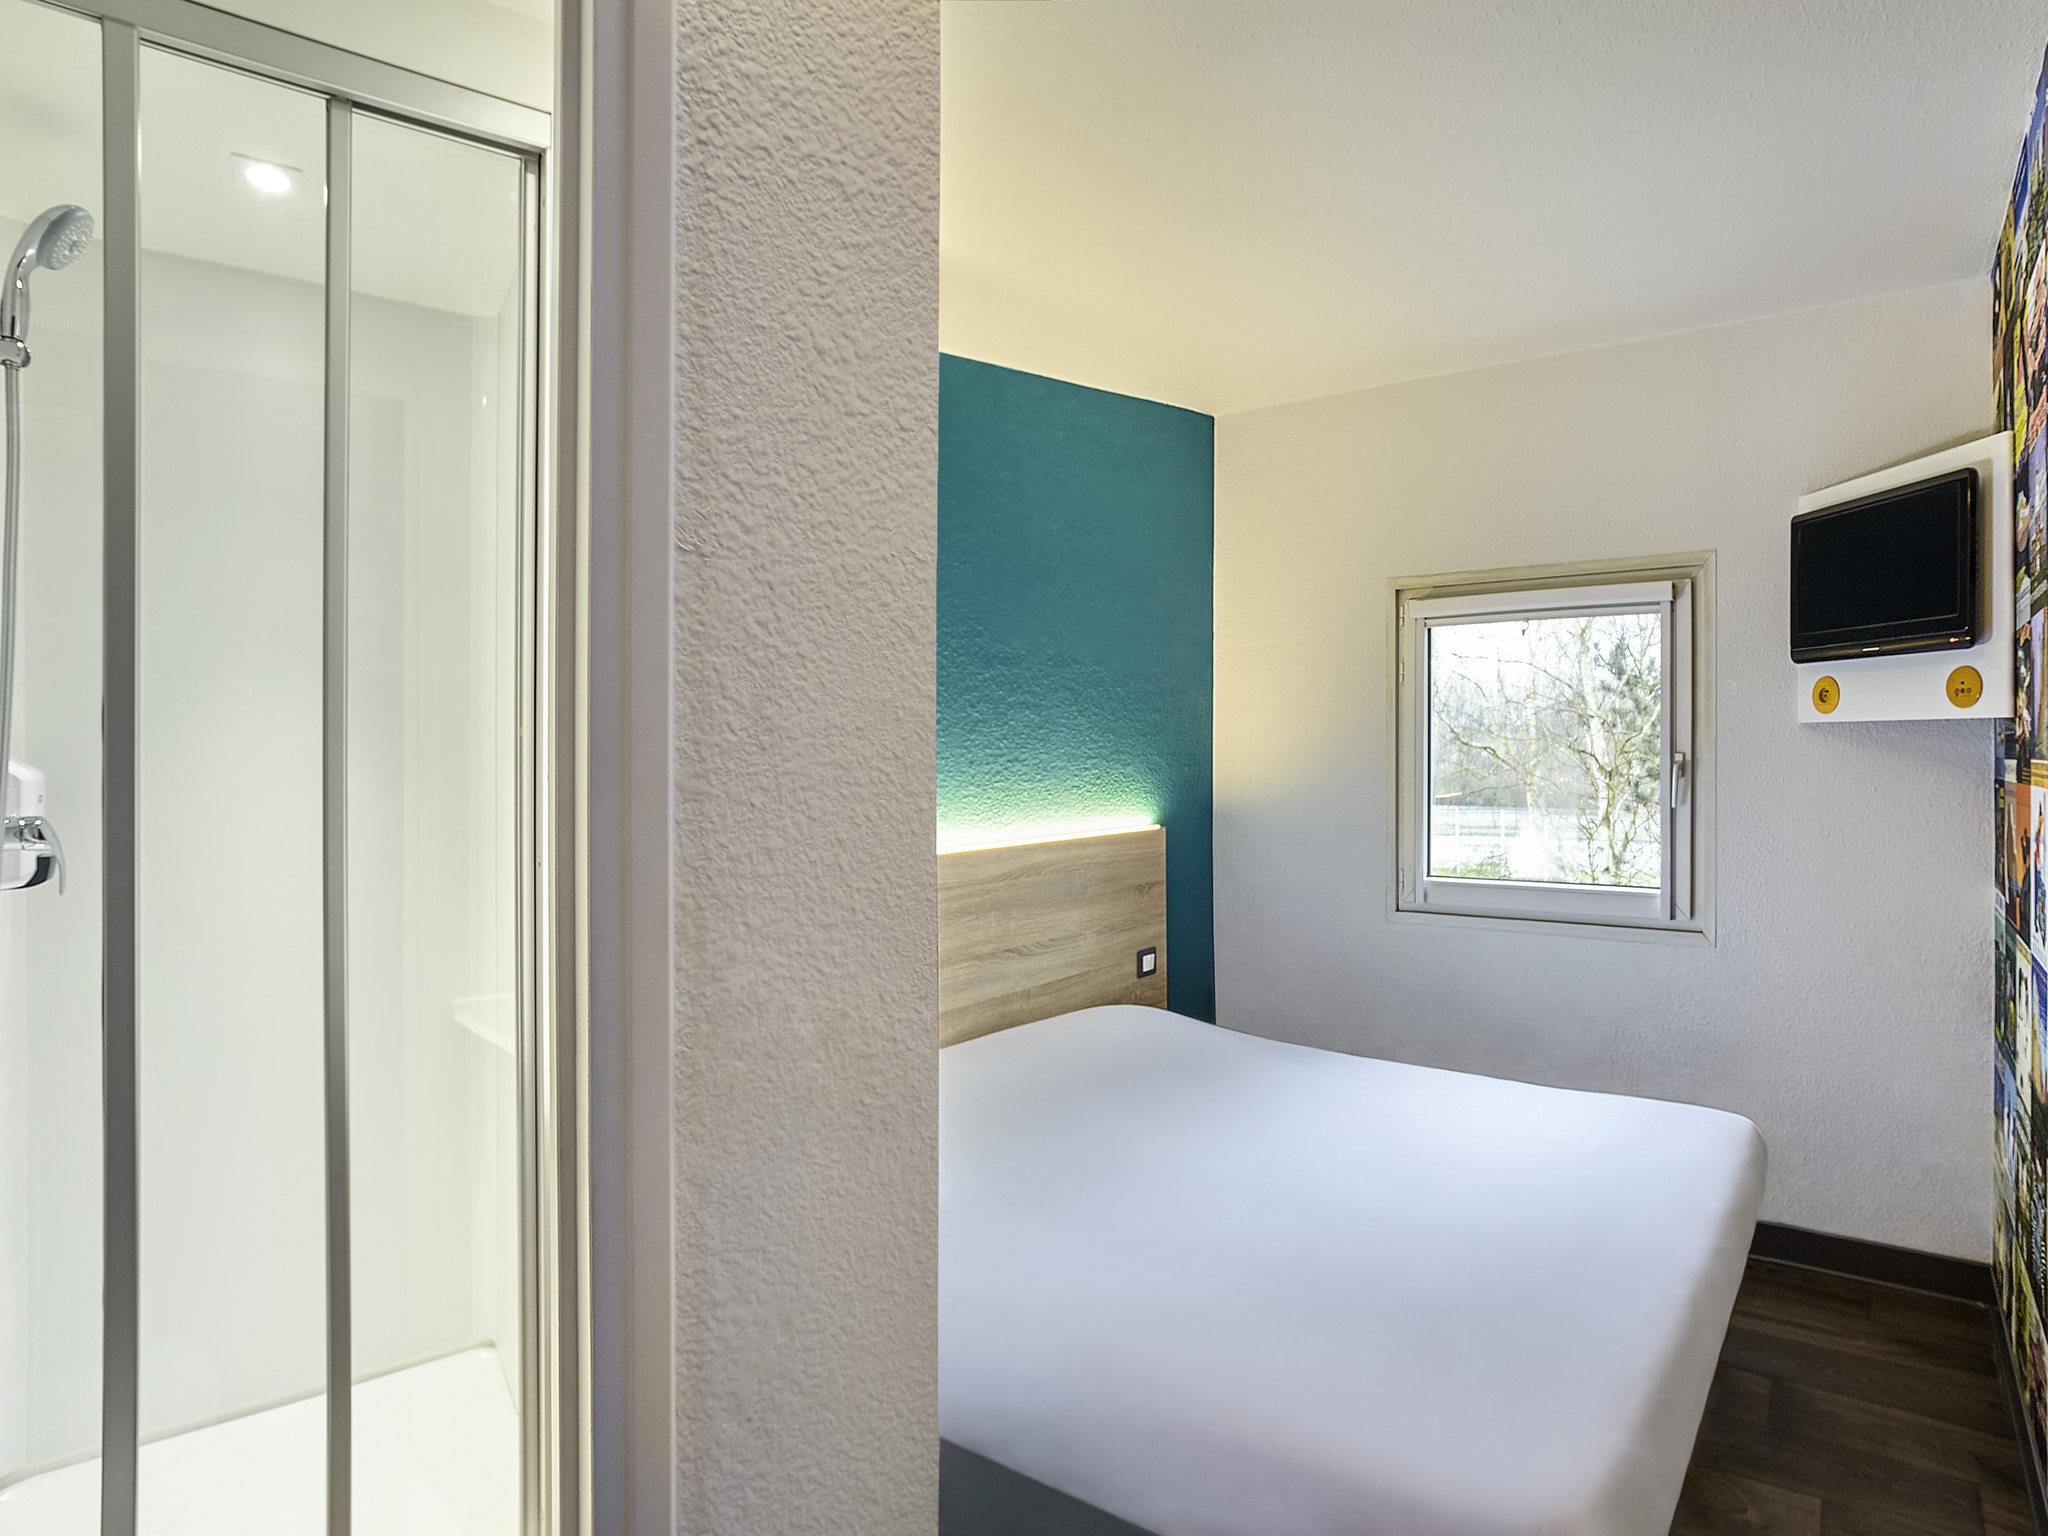 ホテル – hotelF1 Nice Villeneuve-Loubet (rénové)